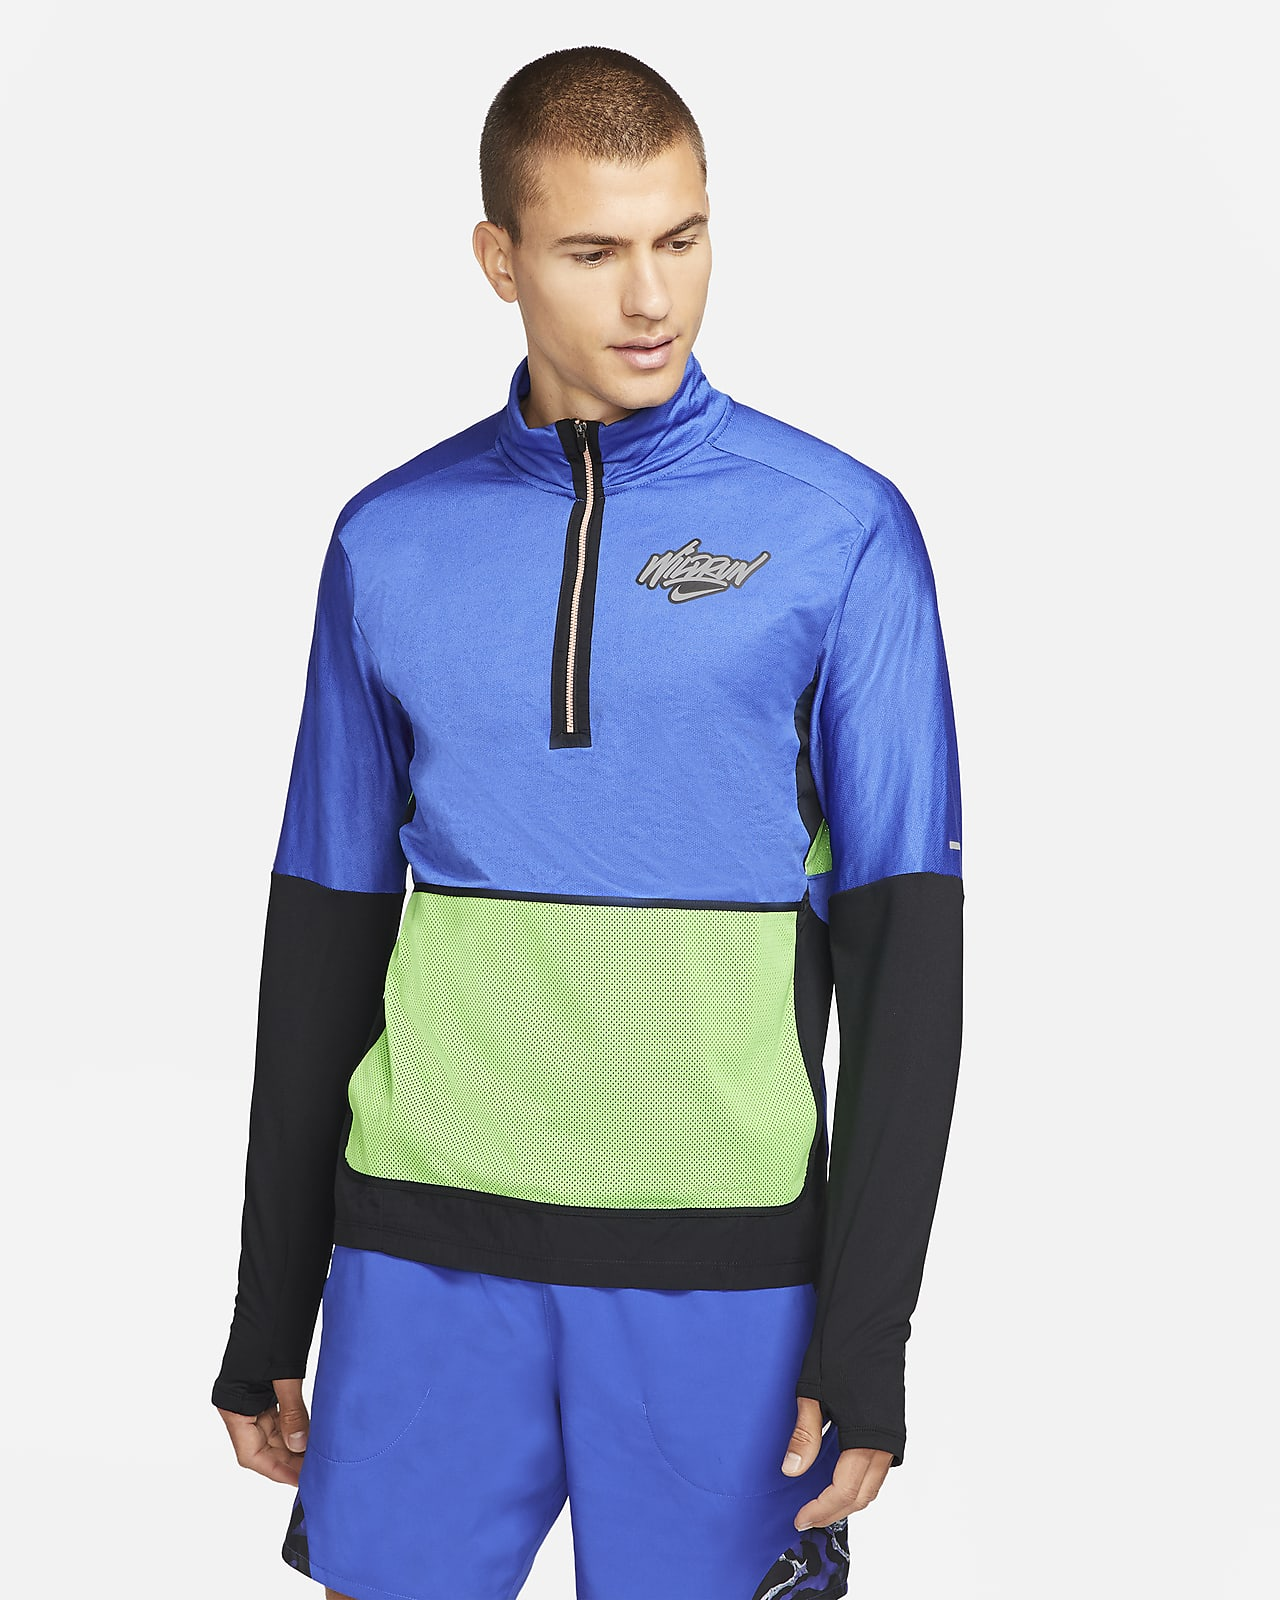 Nike Dri-FIT Wild Run Men's 1/2-Zip Graphic Running Top